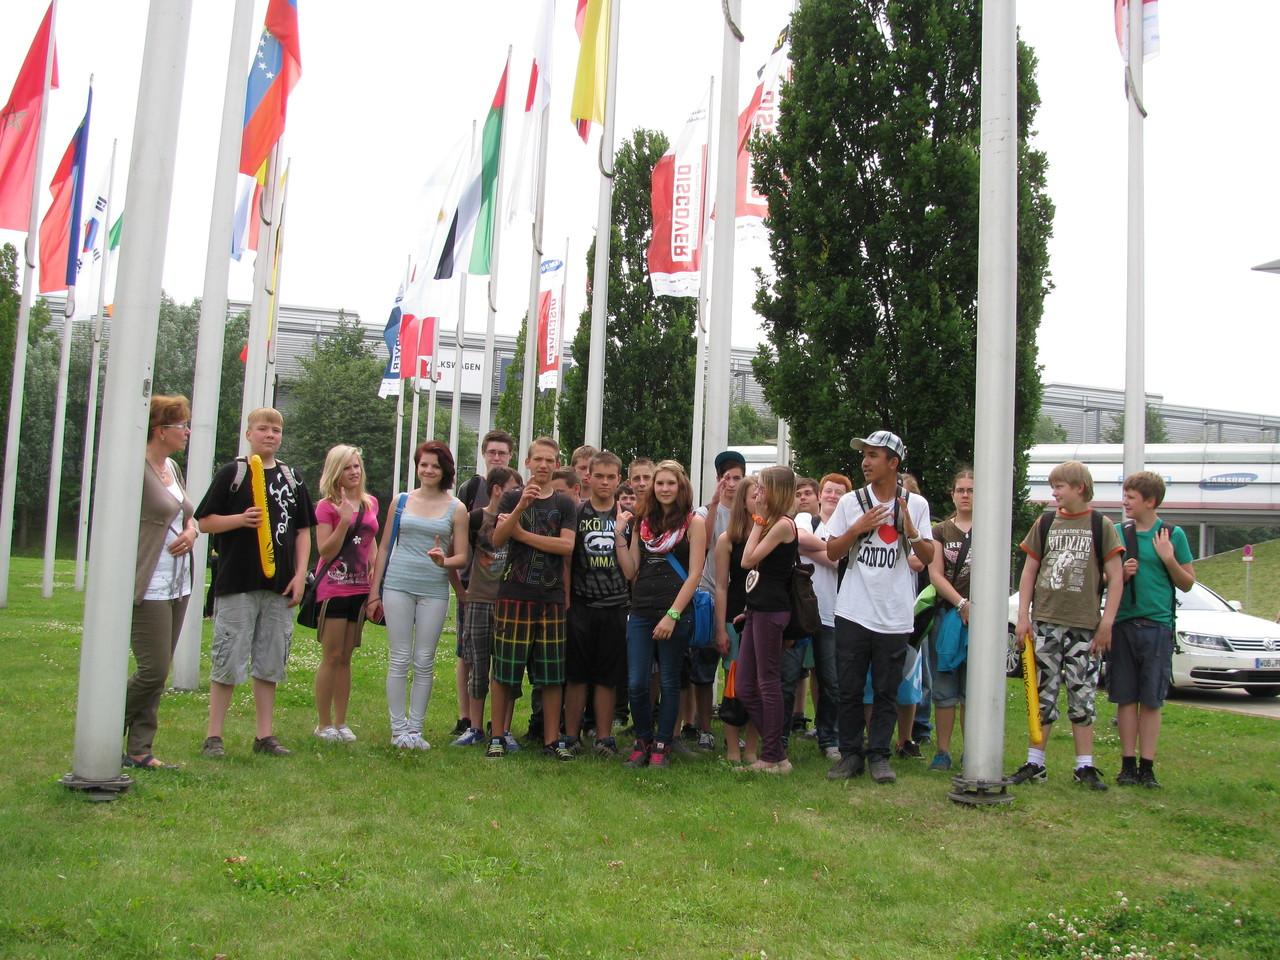 während sich unsere Schülergruppe unter diesen Teilnehmerflaggen der WM 2013 zum Abschlussfoto versammelte, bevor es dann auf den Heimweg ging.